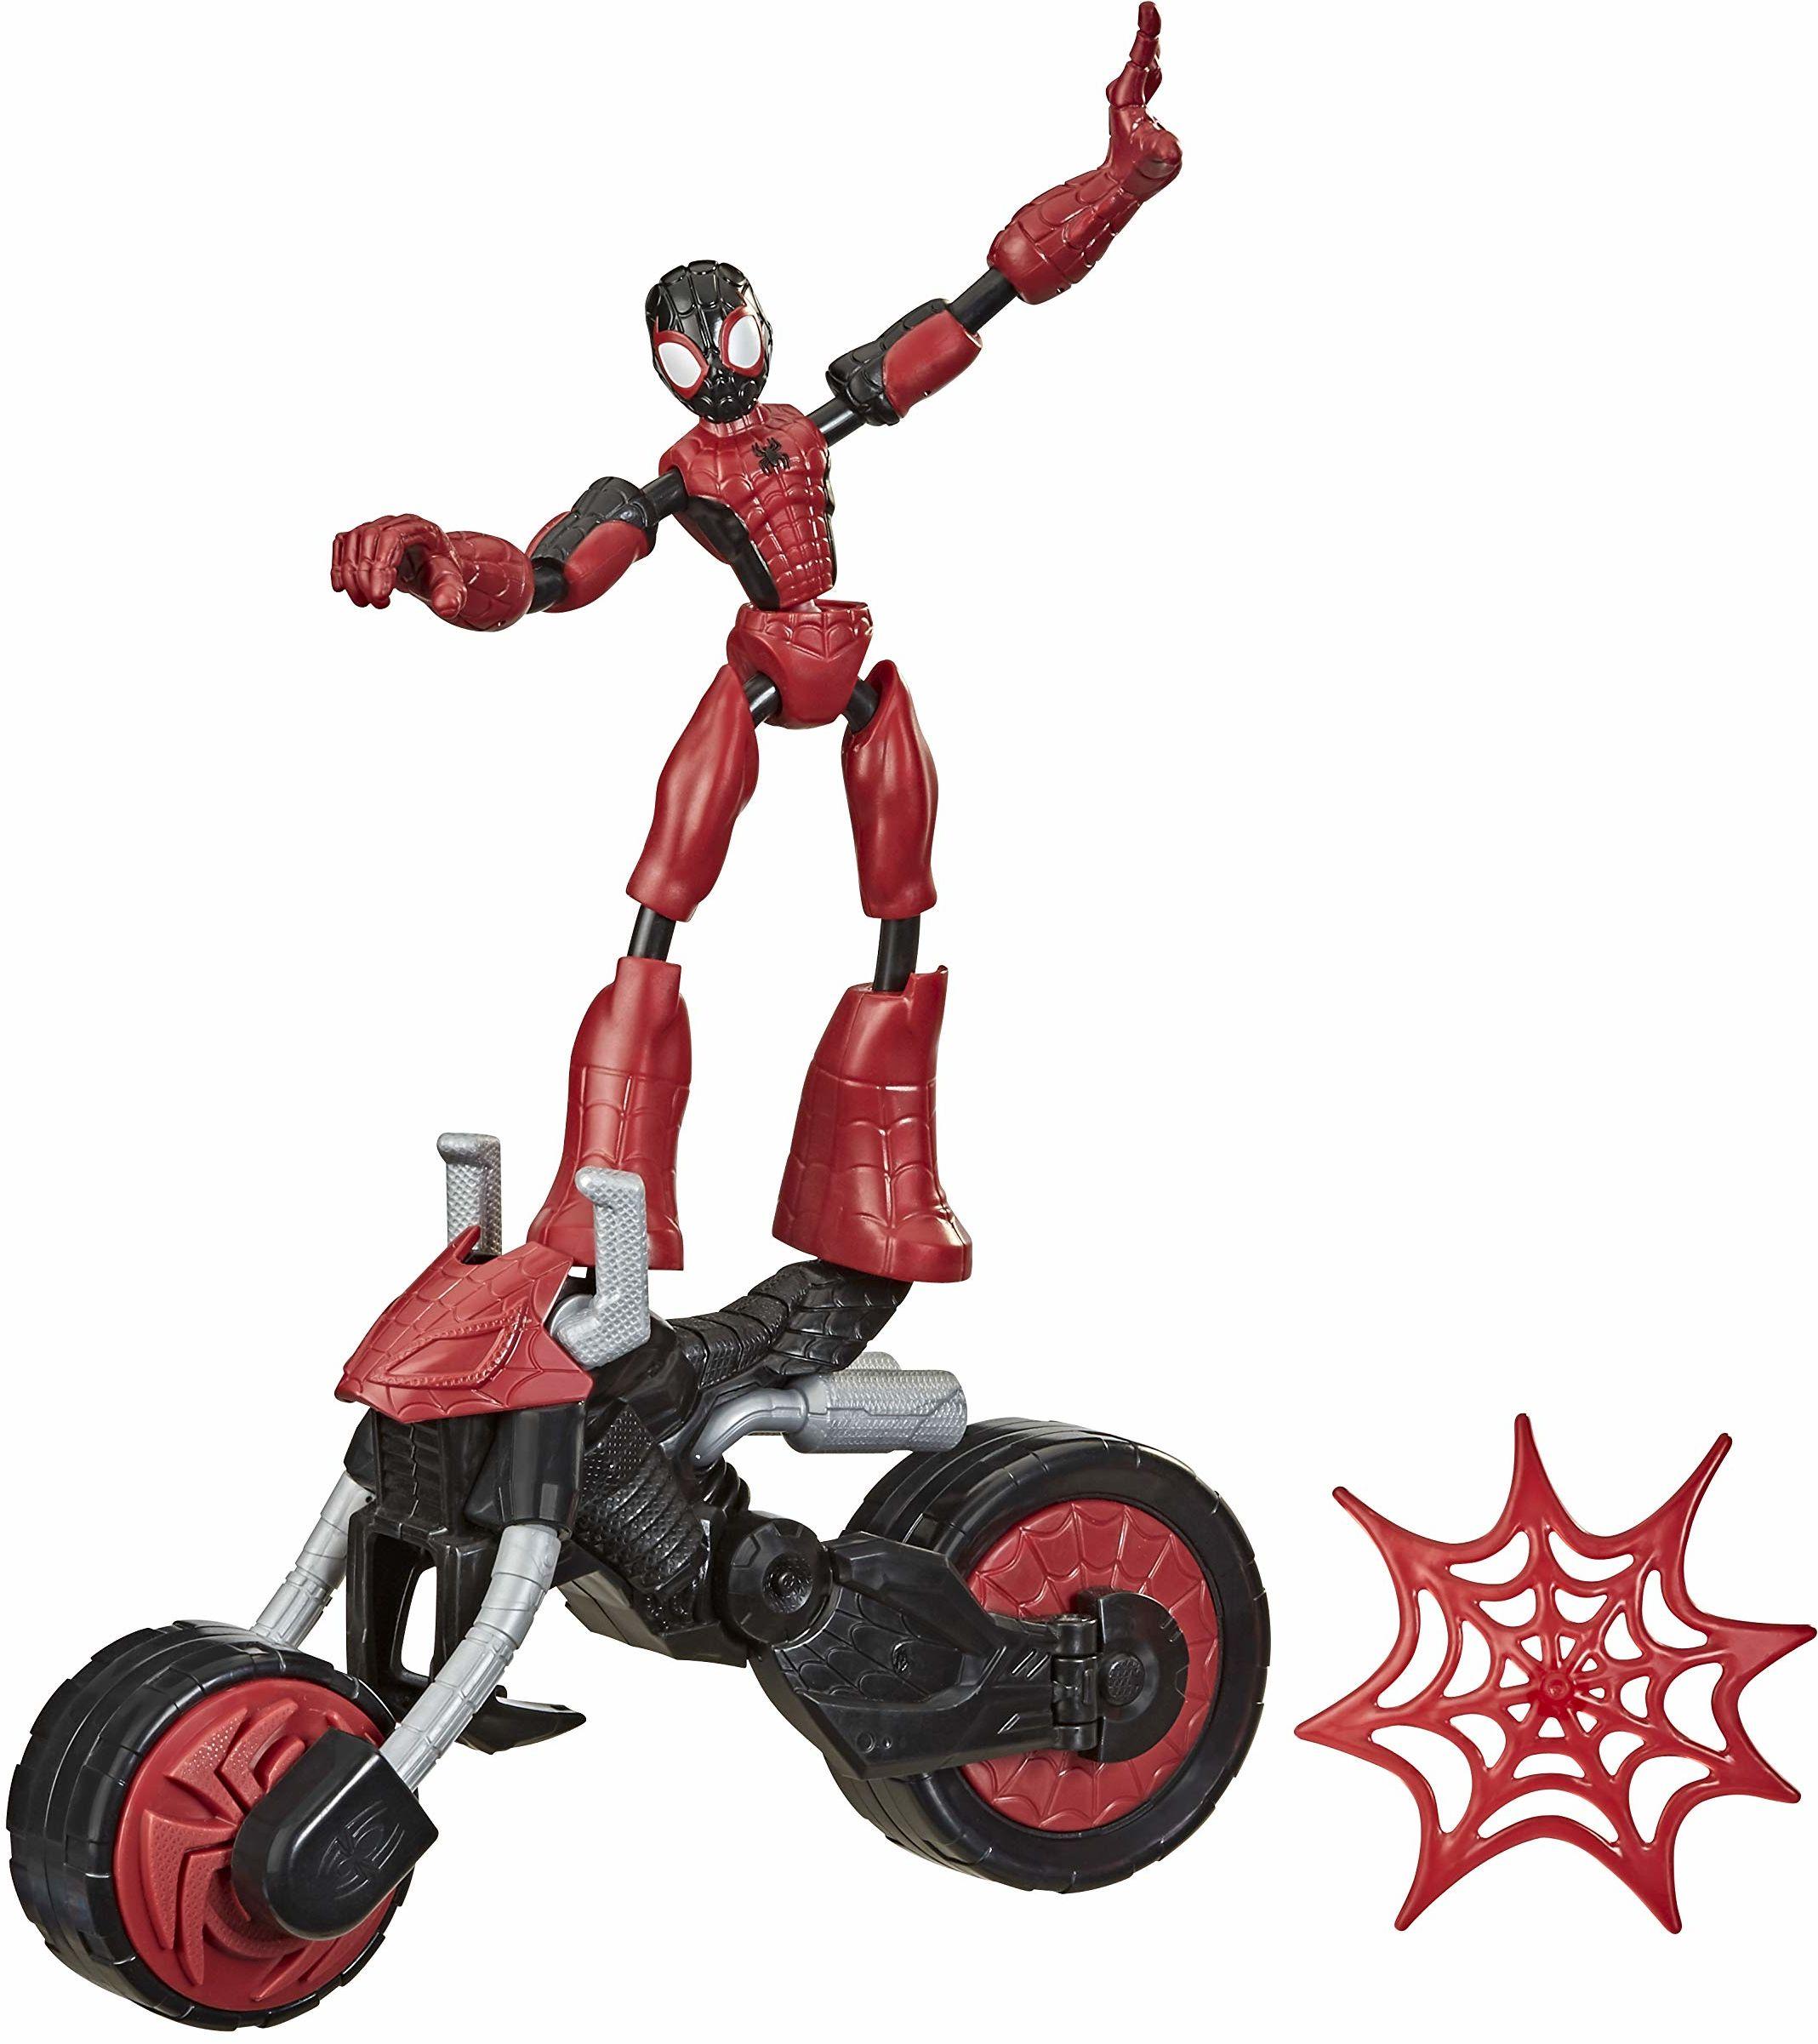 Figurka Spider-Man Flex Rider z kolekcji zginanych i odkształcanych zabawek Marvela, 15-centymetrowa giętka figurka i motocykl 2 w 1, dla dzieci w wieku od 4 lat